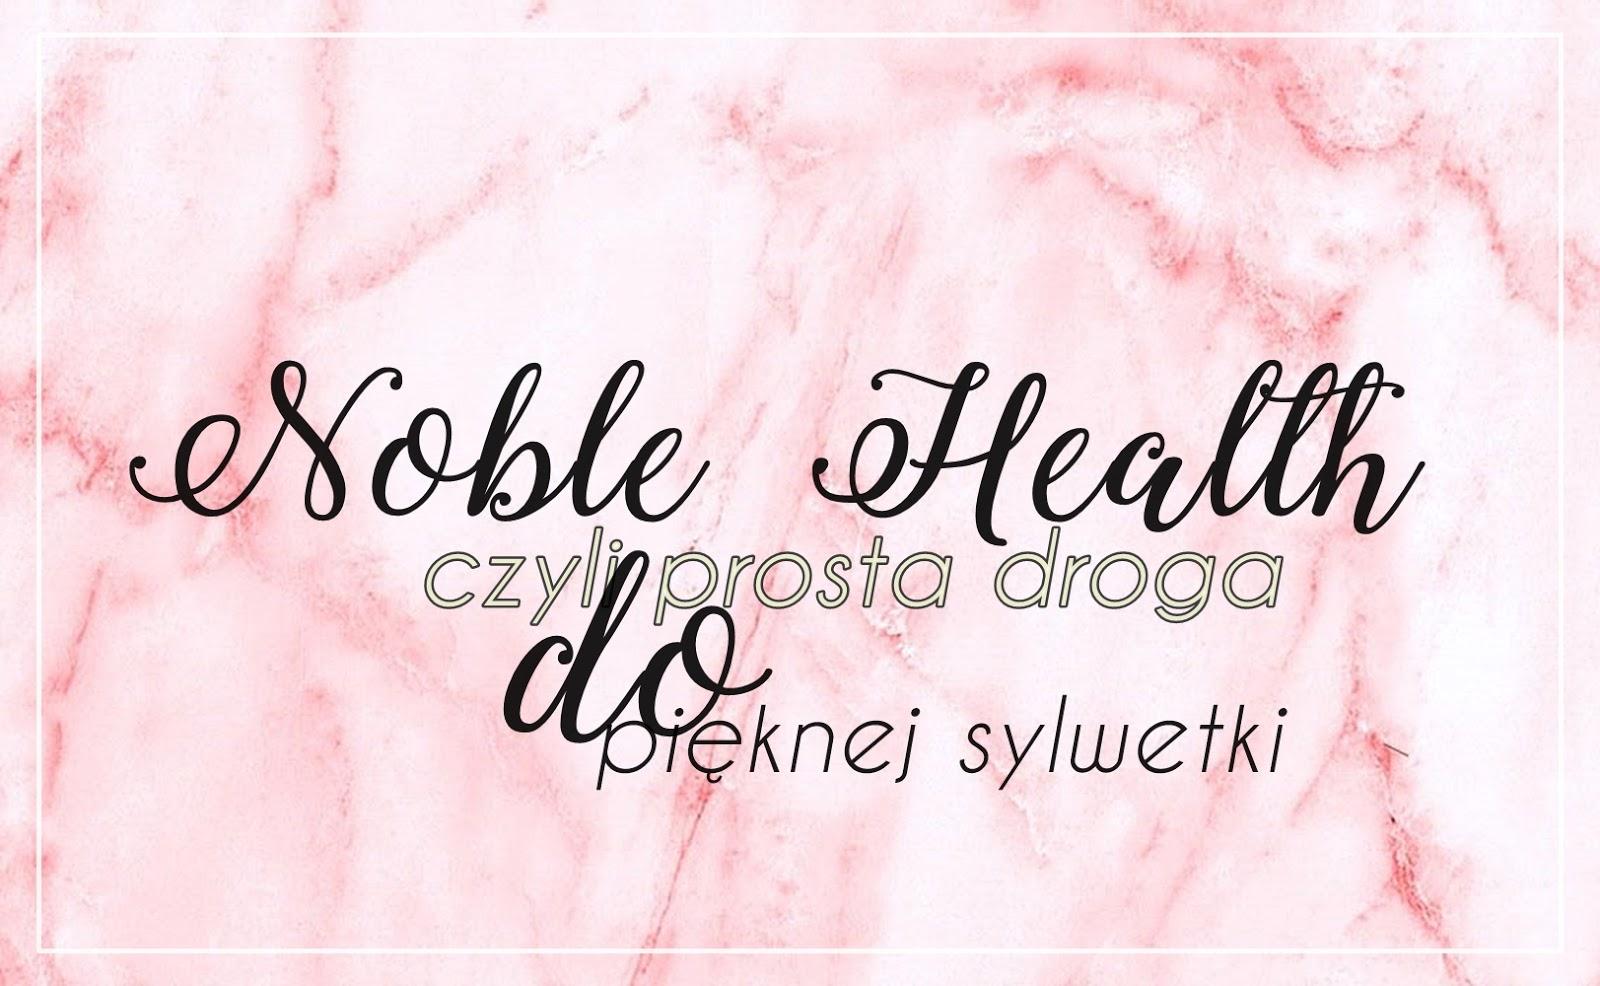 Noble Health, czyli prosta droga do pięknej sylwetki